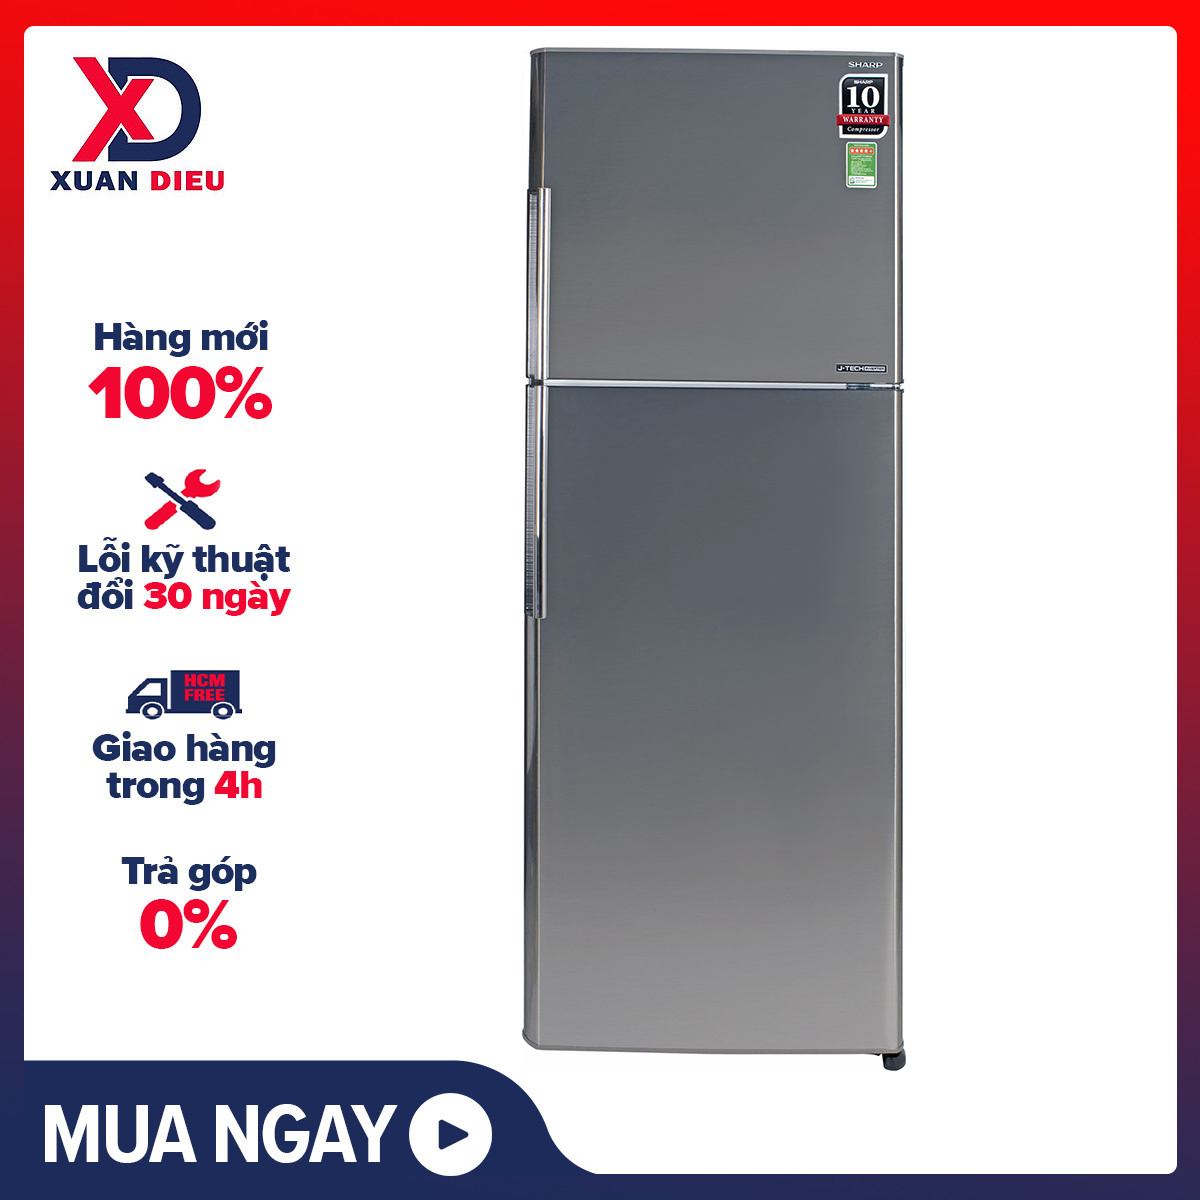 [Trả góp 0%]Tủ lạnh Sharp Inverter 315 lít SJ-X346E-SL - Công nghệ J-Tech Inverter vận hành êm ái tiết kiệm điện Chế độ Extra Eco tăng khả năng tiết kiệm điện tối đa Công nghệ khử mùi Nano Ag+Cu lọc sạch vi khuẩn gây hại